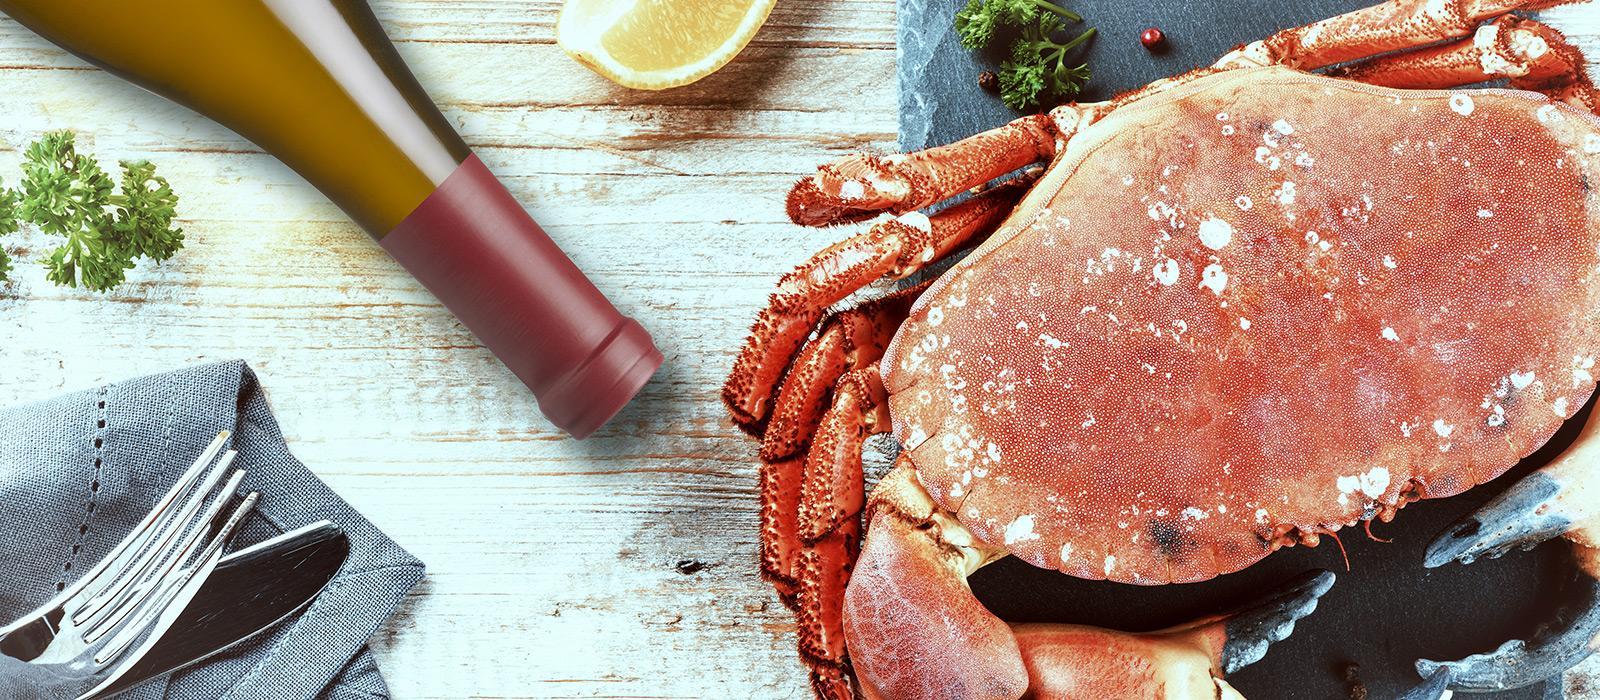 Chardonnay & Crab Feast